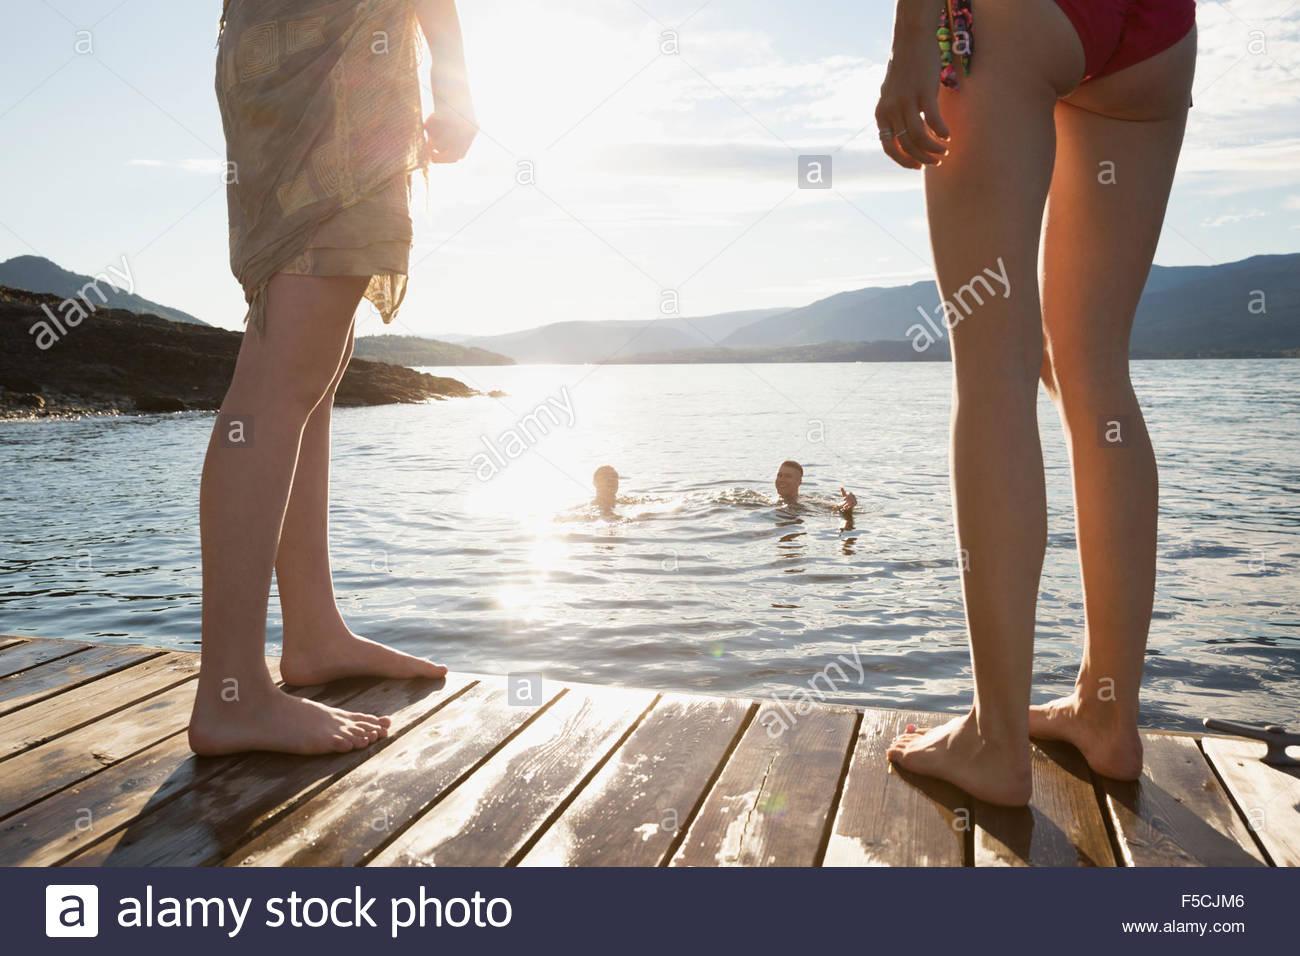 Le donne sul dock guardando men nuoto nel lago Immagini Stock